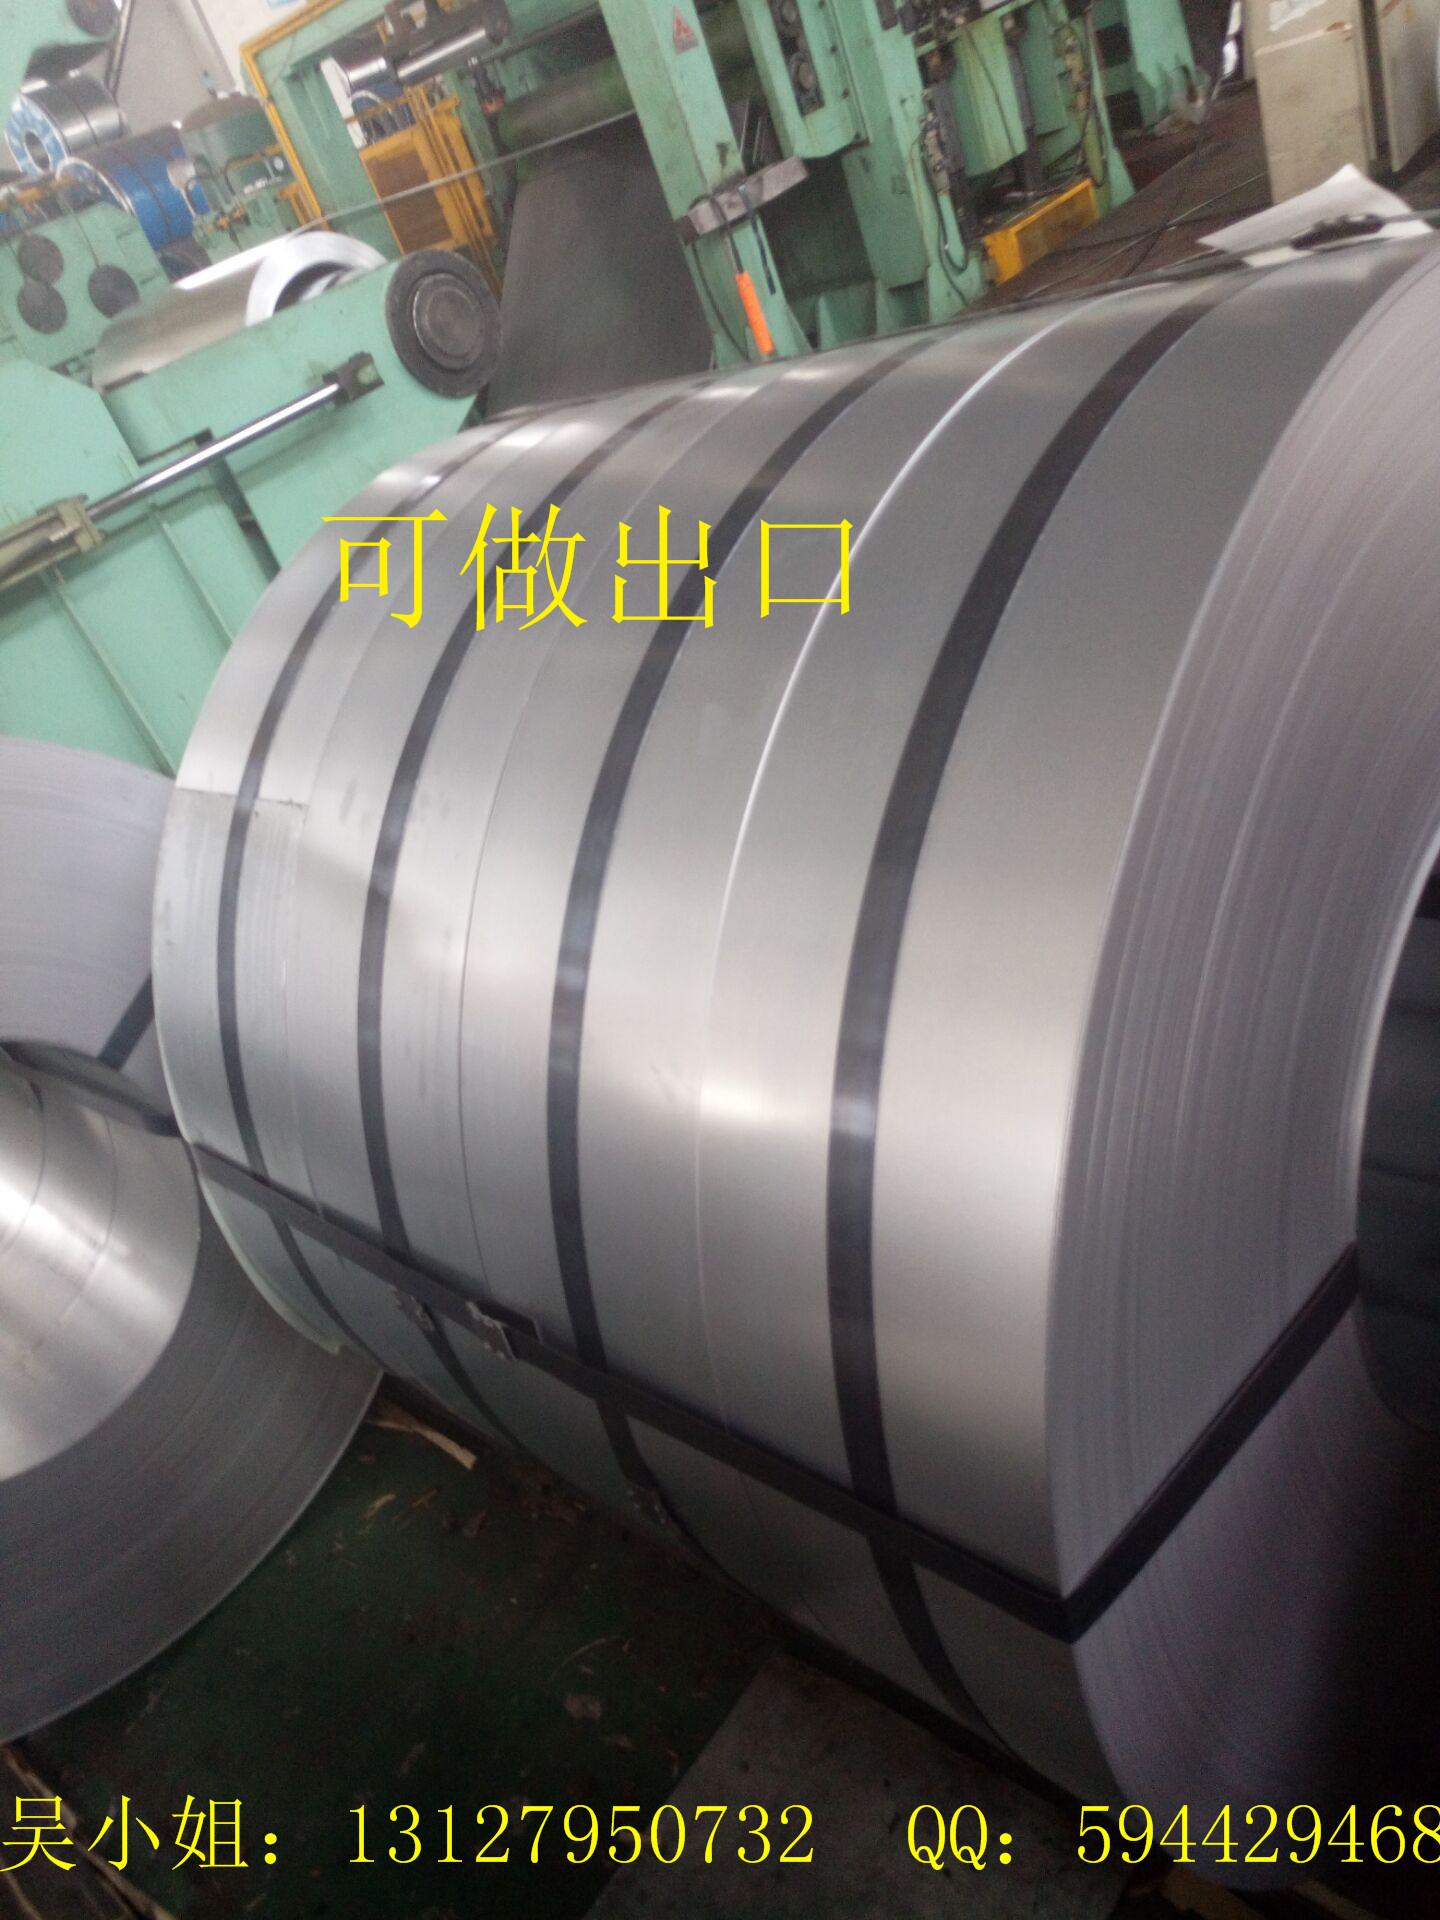 鞍钢天铁环保镀铝锌  敷铝锌  DX51D+AZ